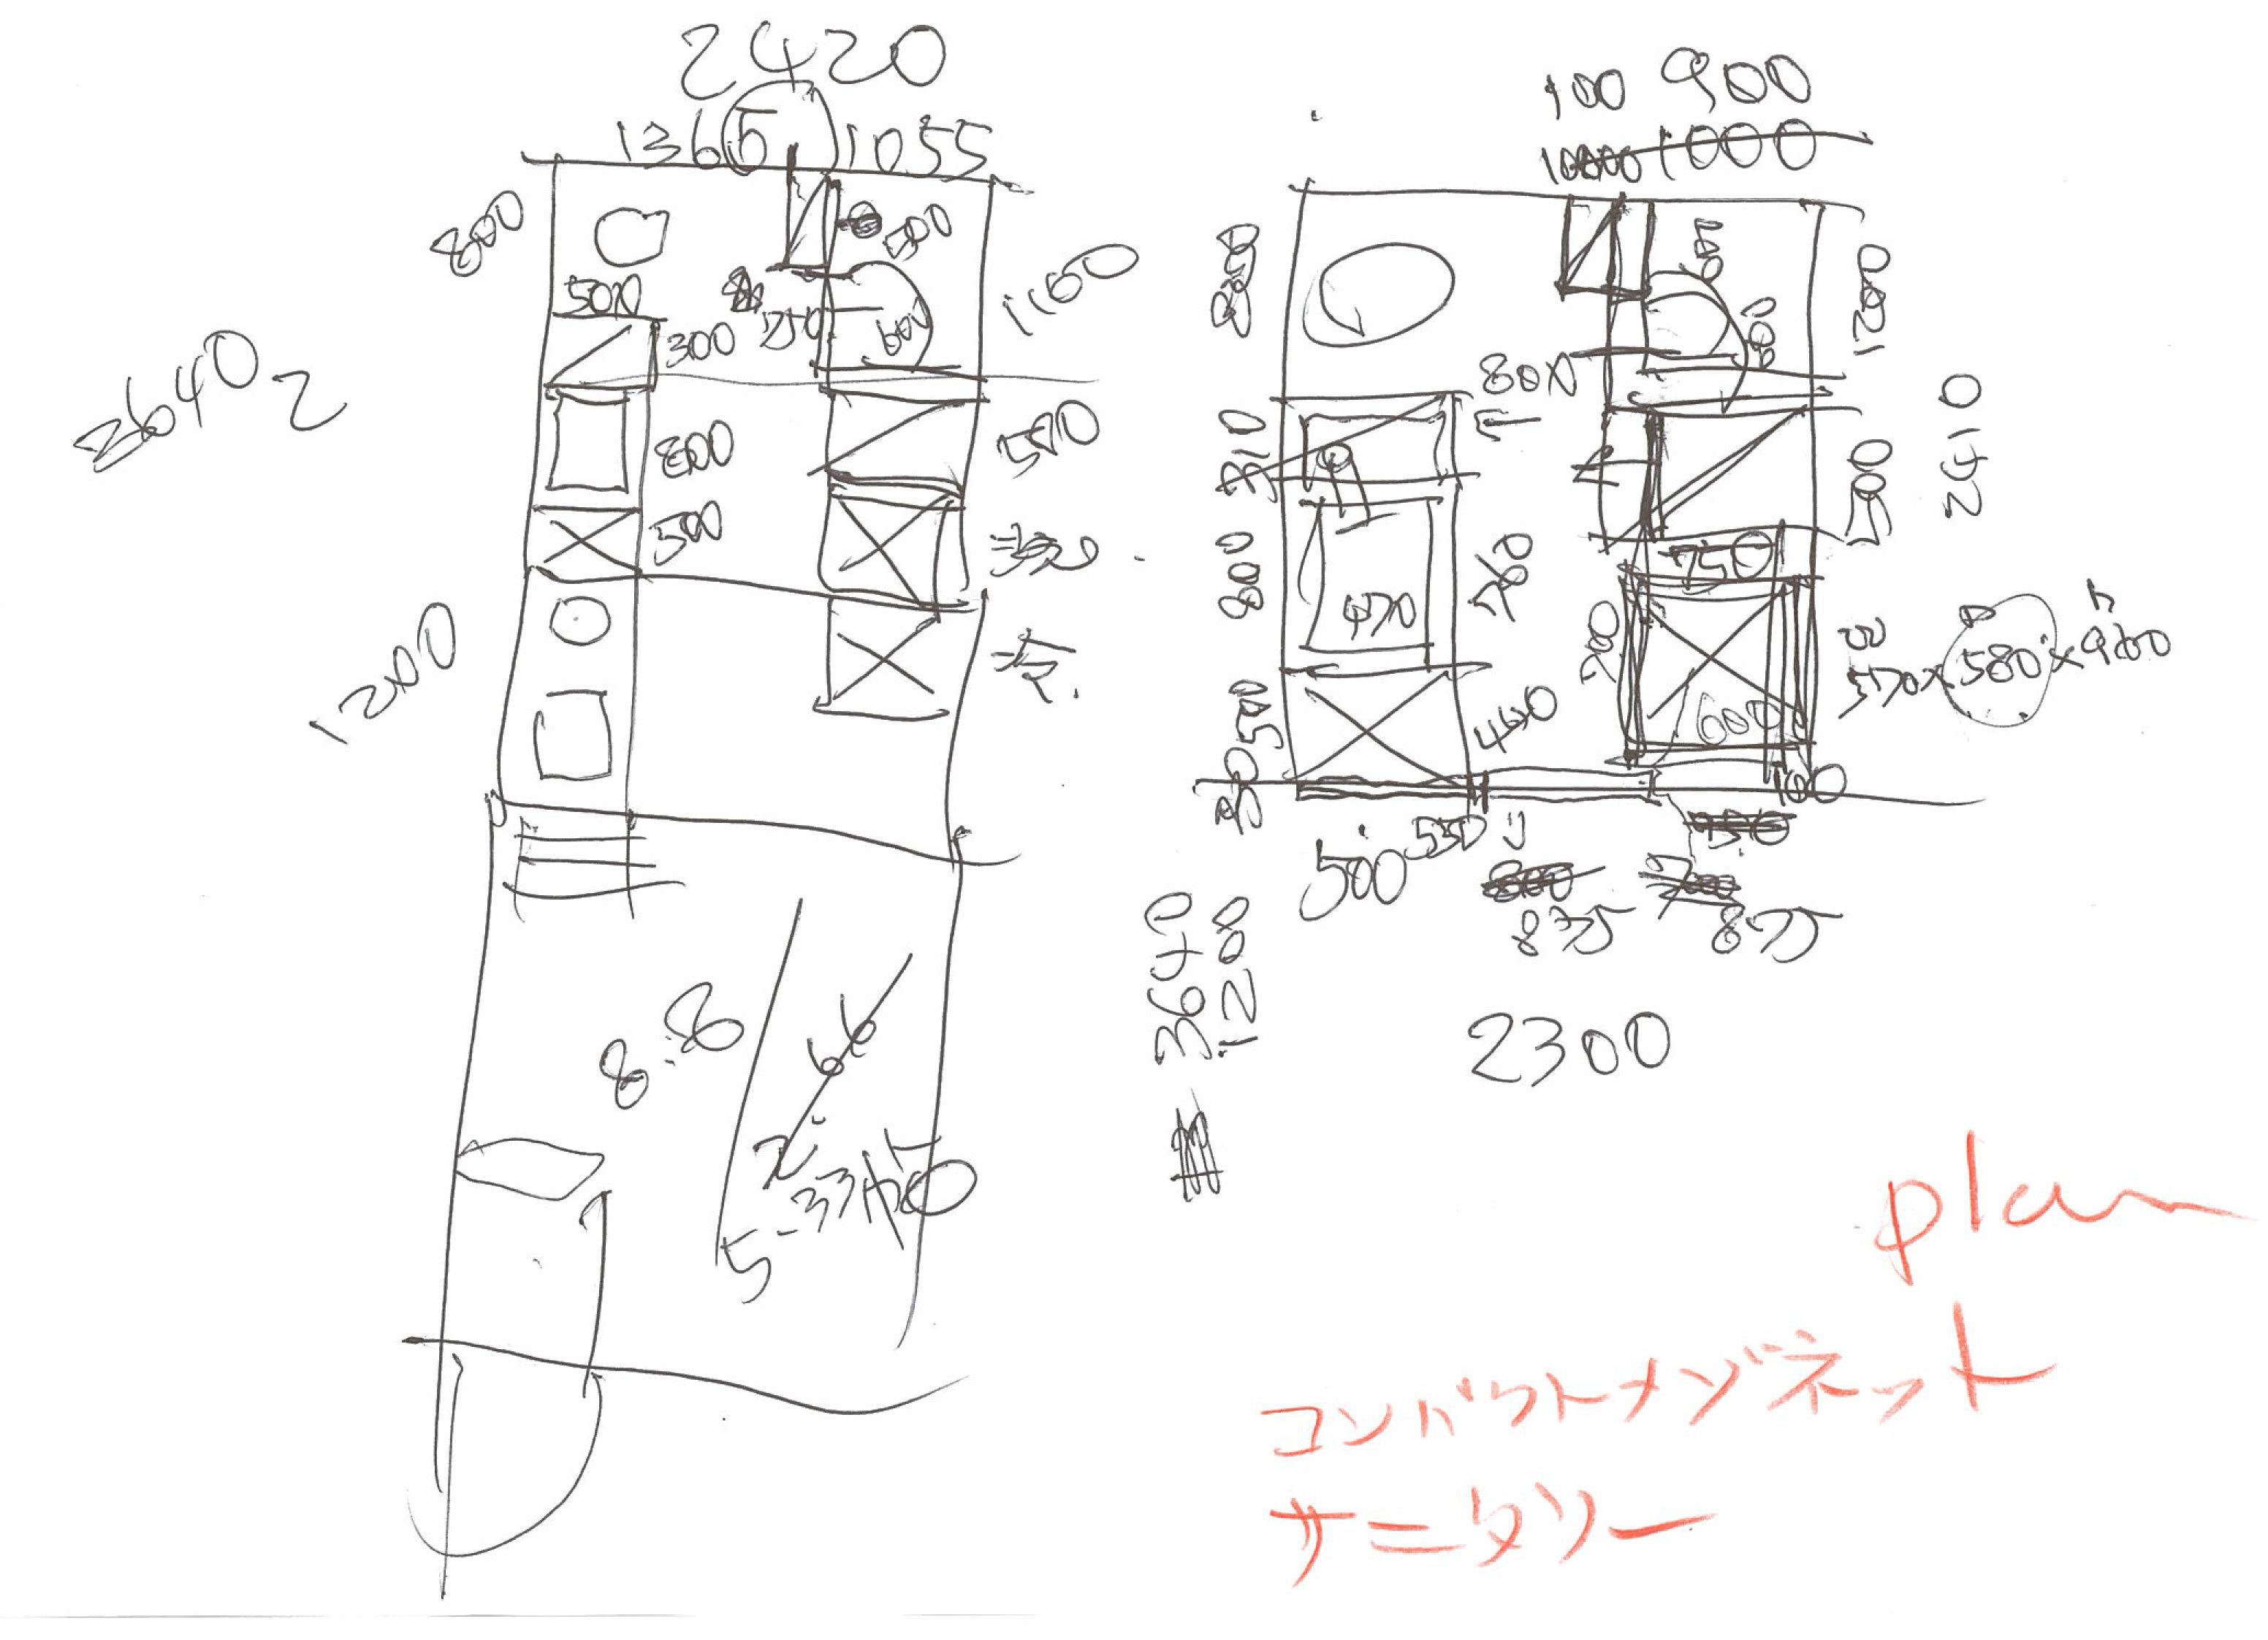 いえのえほん設計篇/東川モッキーノ、サニタリー_c0189970_15034042.jpg